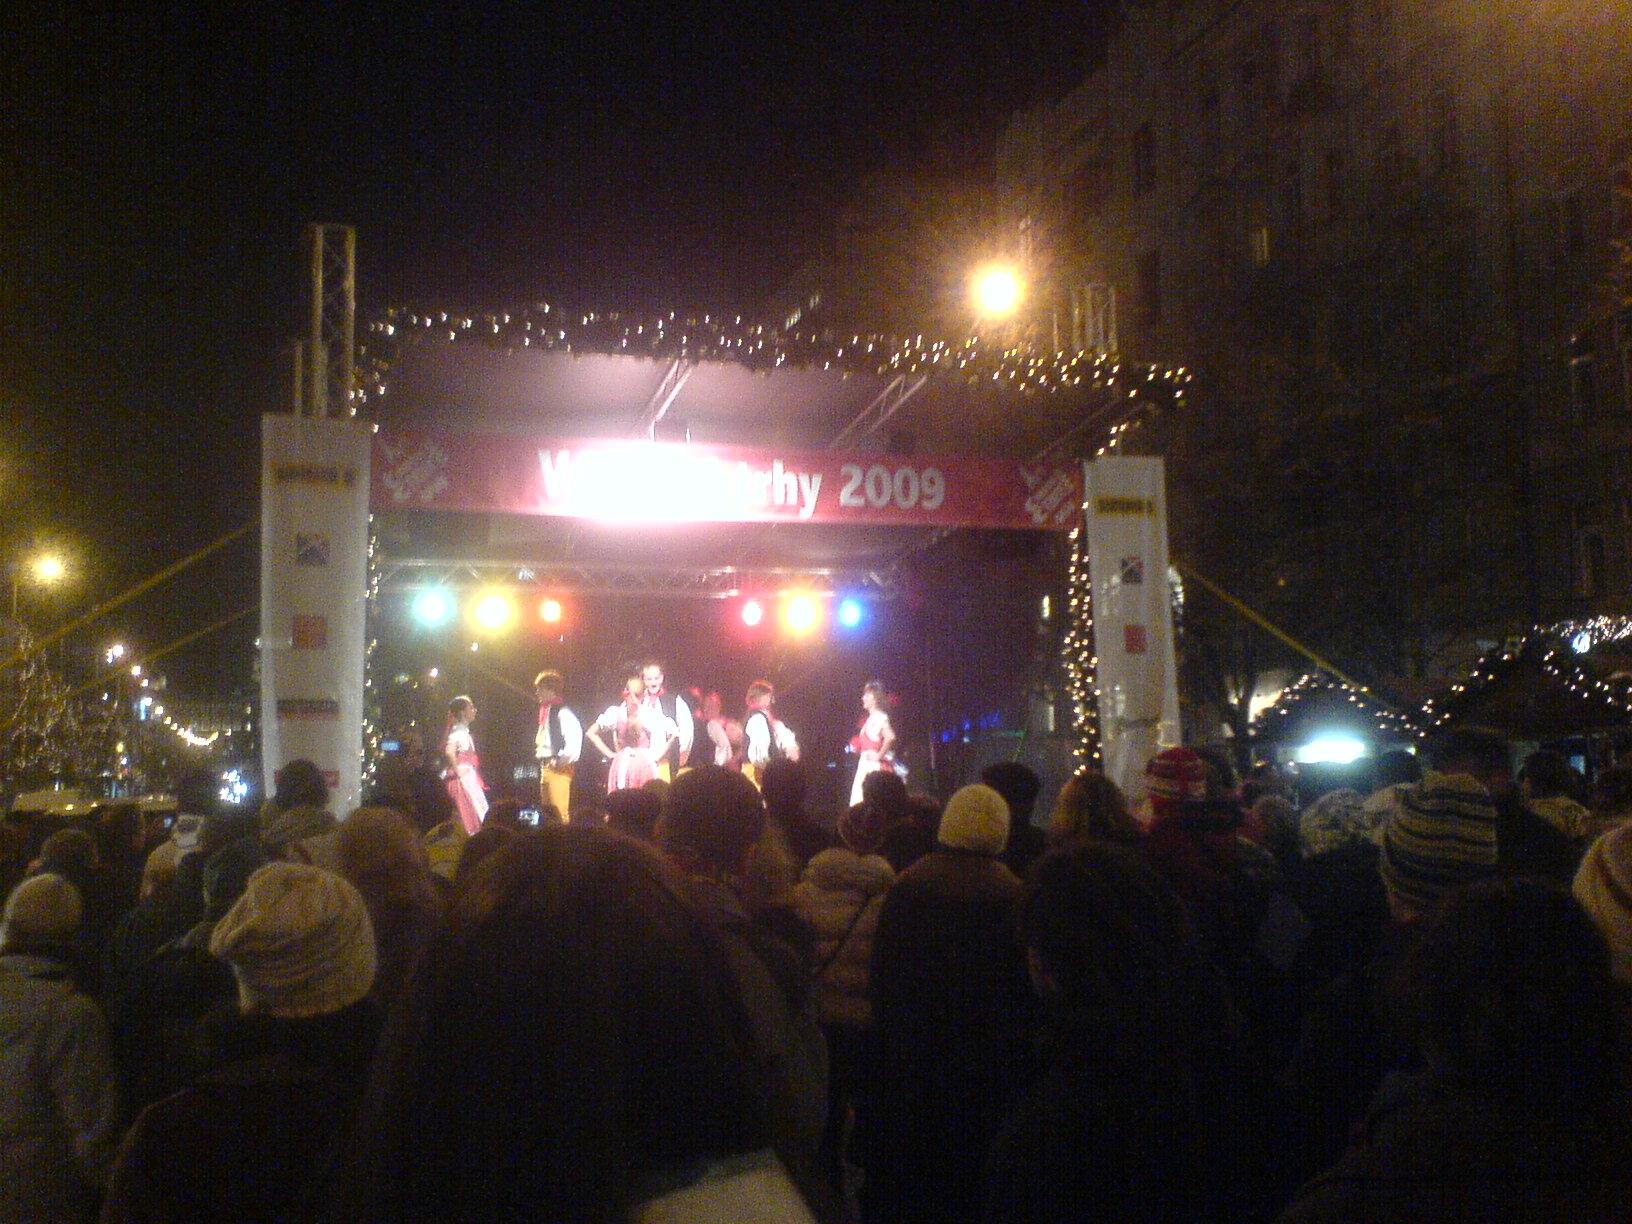 Večer na Václaváku o Vánocích je ta správná atmosféra.